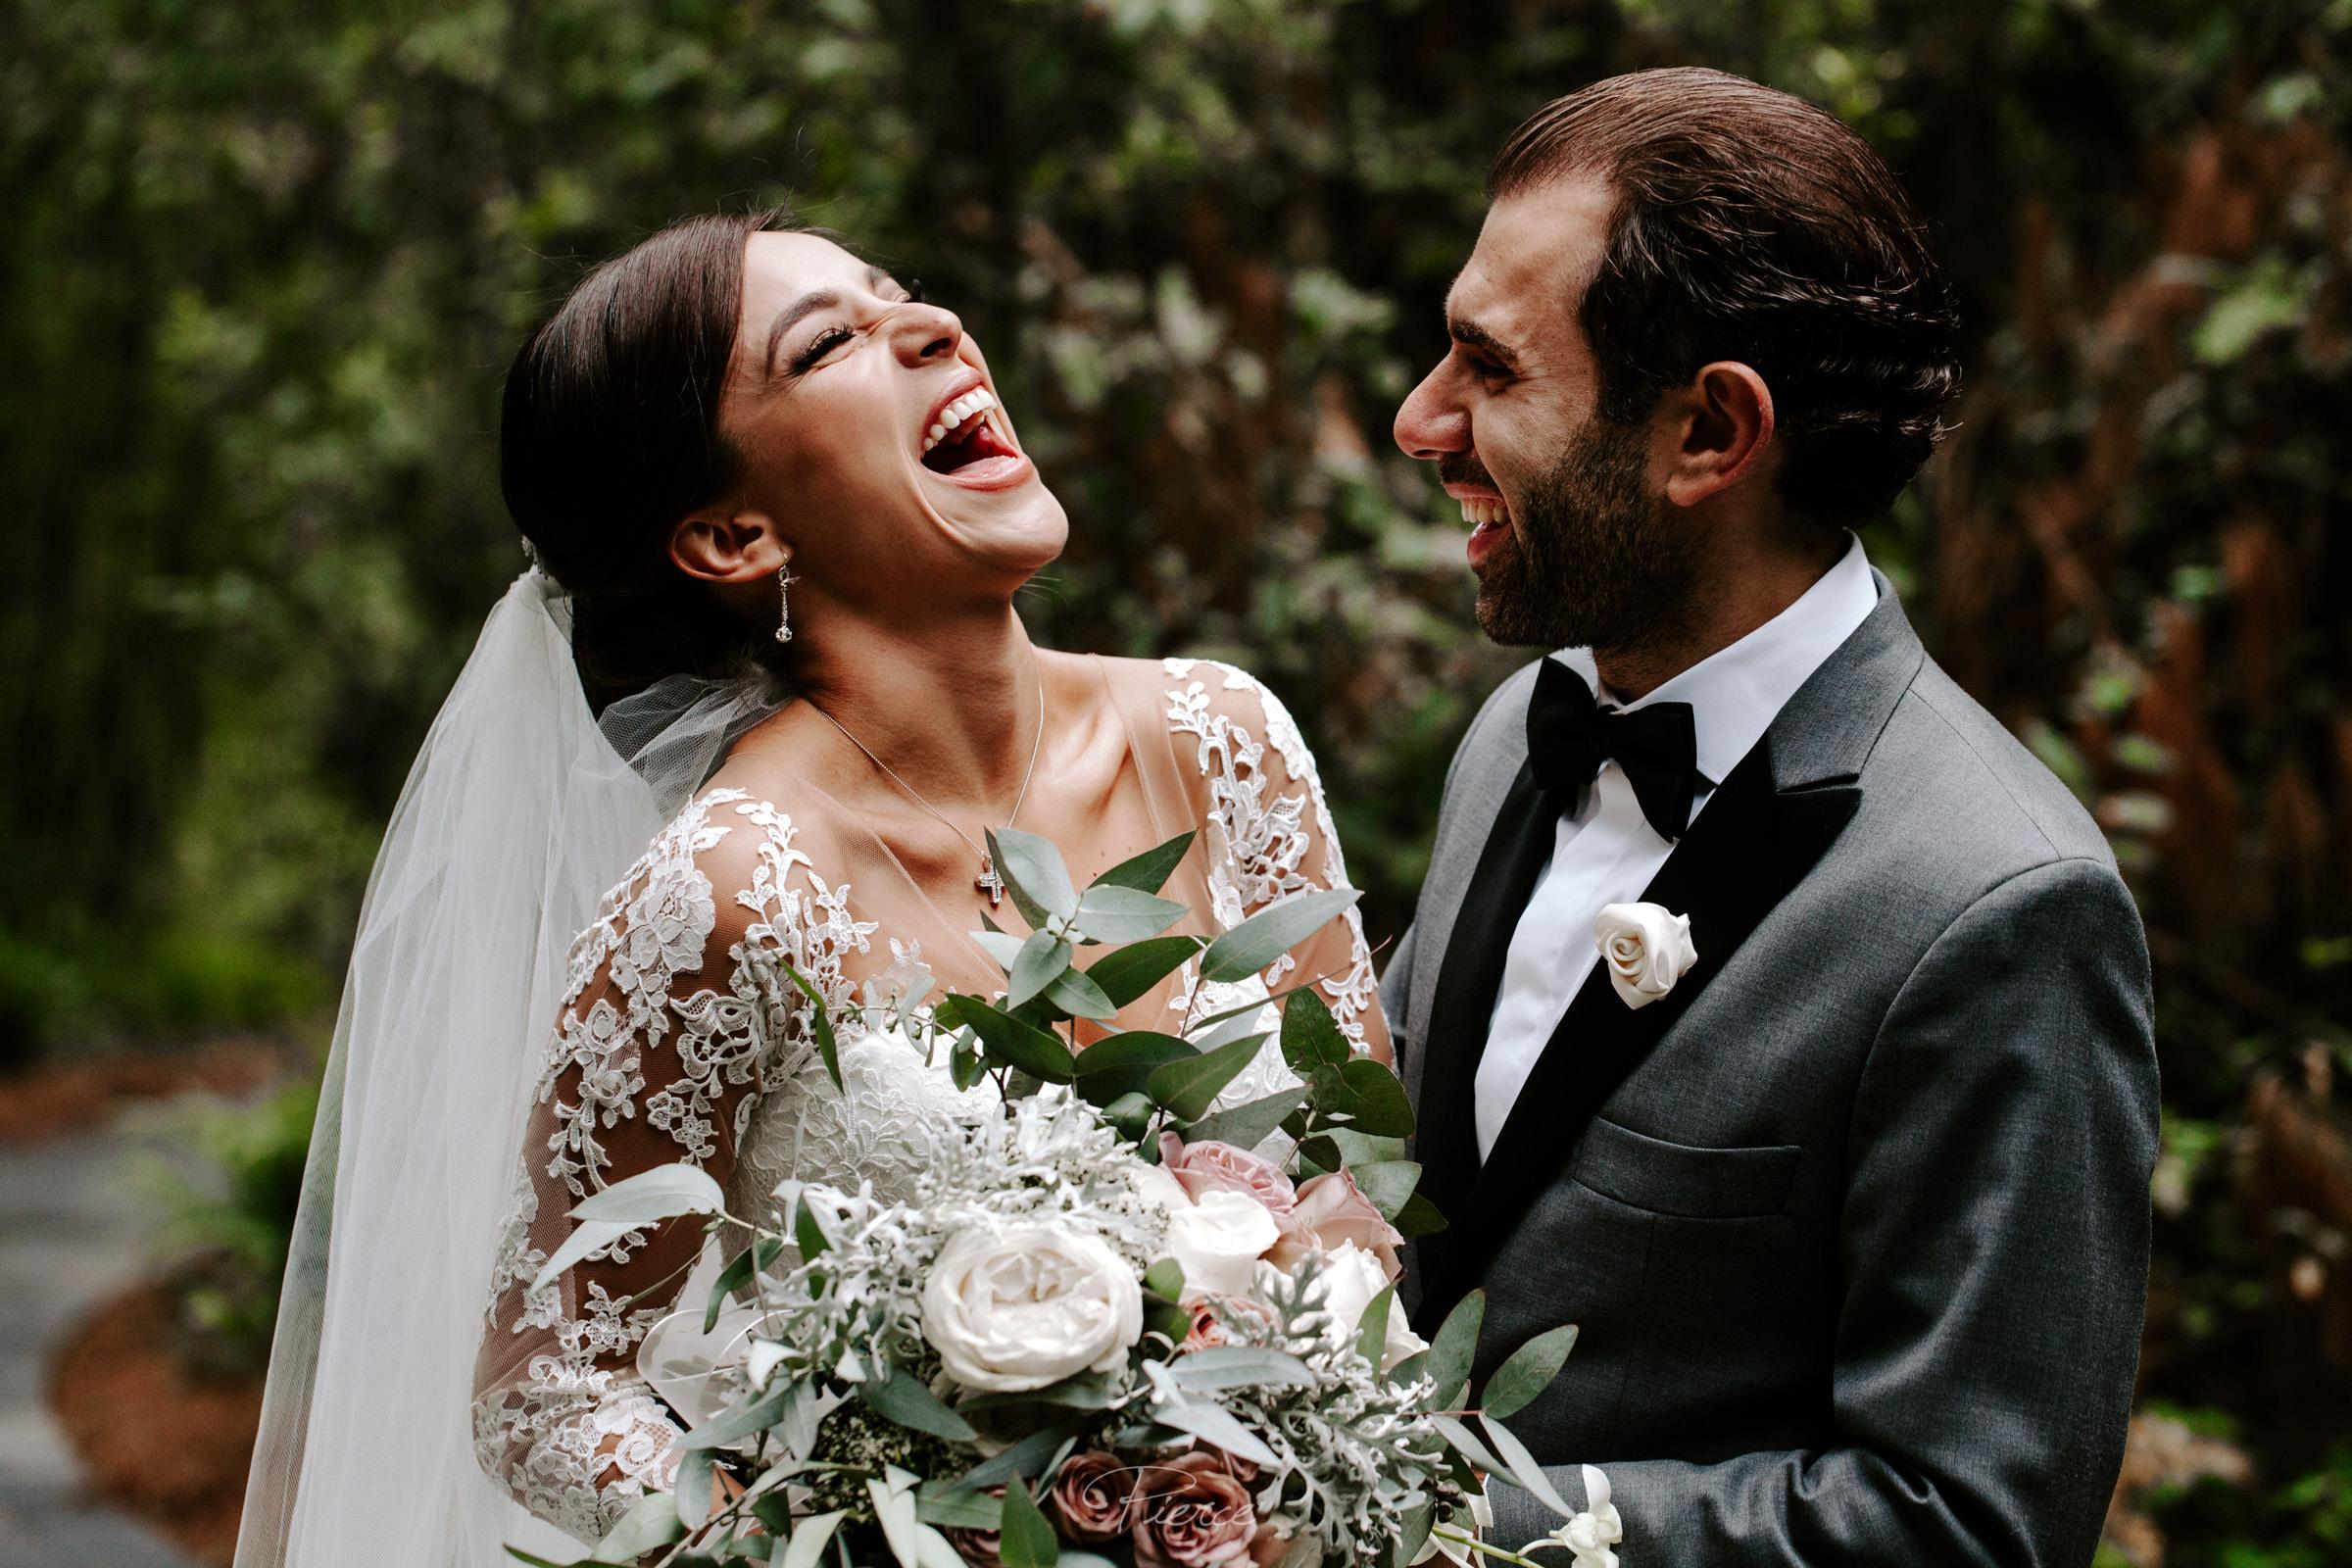 fotografia-de-boda-valle-de-bravo-mexico-rosmarino-pierce-weddings-0048.JPG